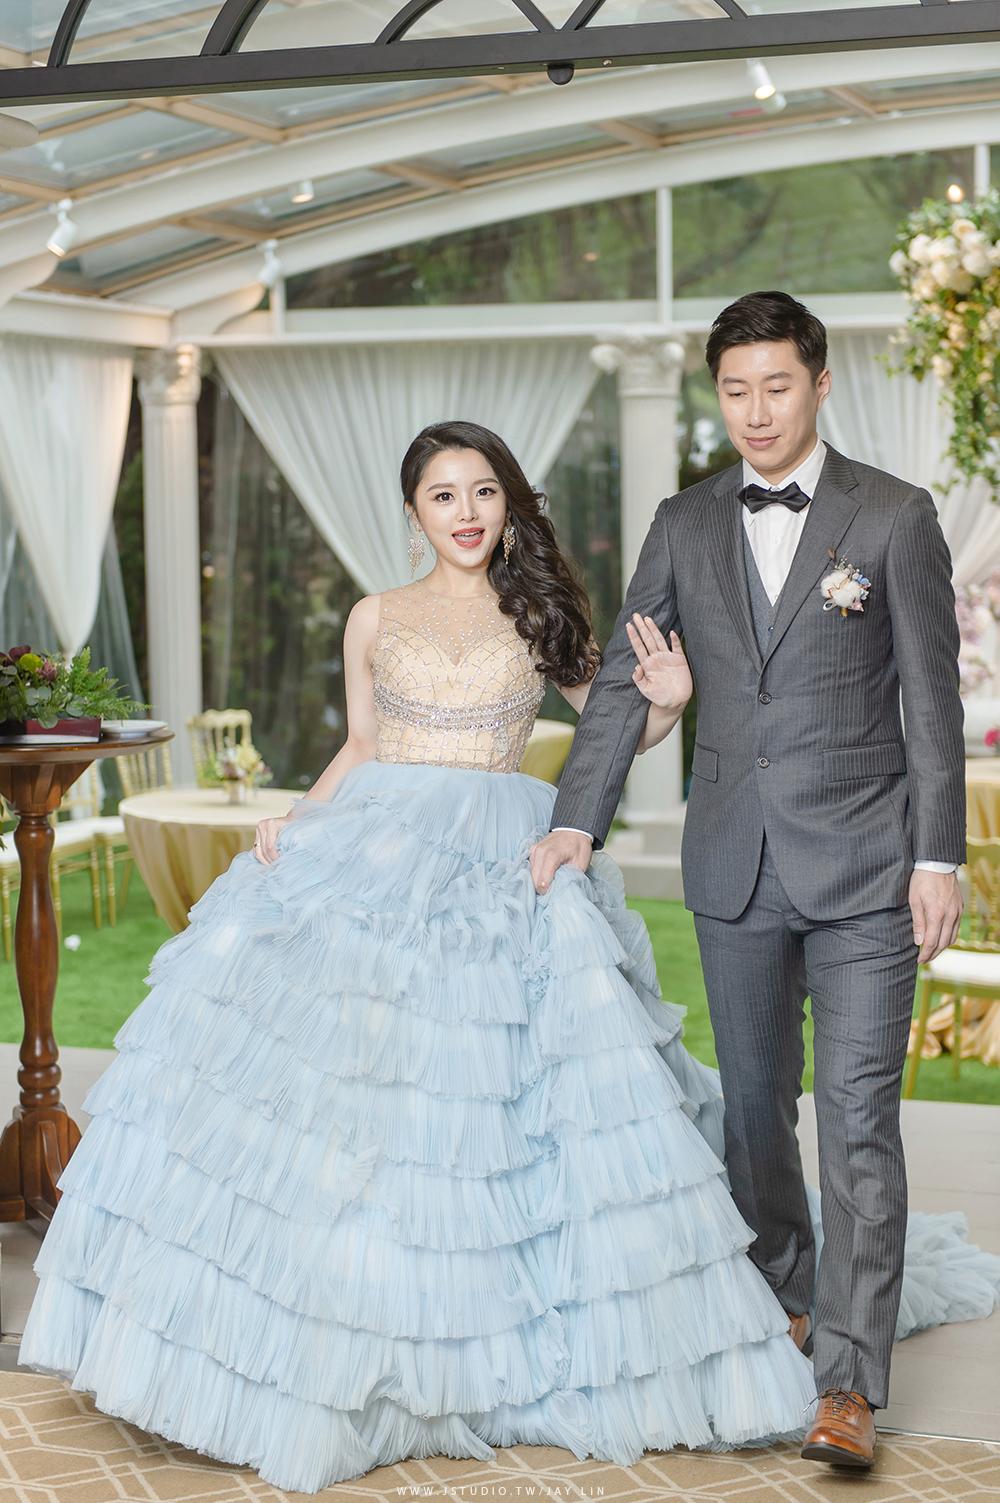 婚攝 台北婚攝 婚禮紀錄 婚攝 推薦婚攝 翡麗詩莊園 JSTUDIO_0105